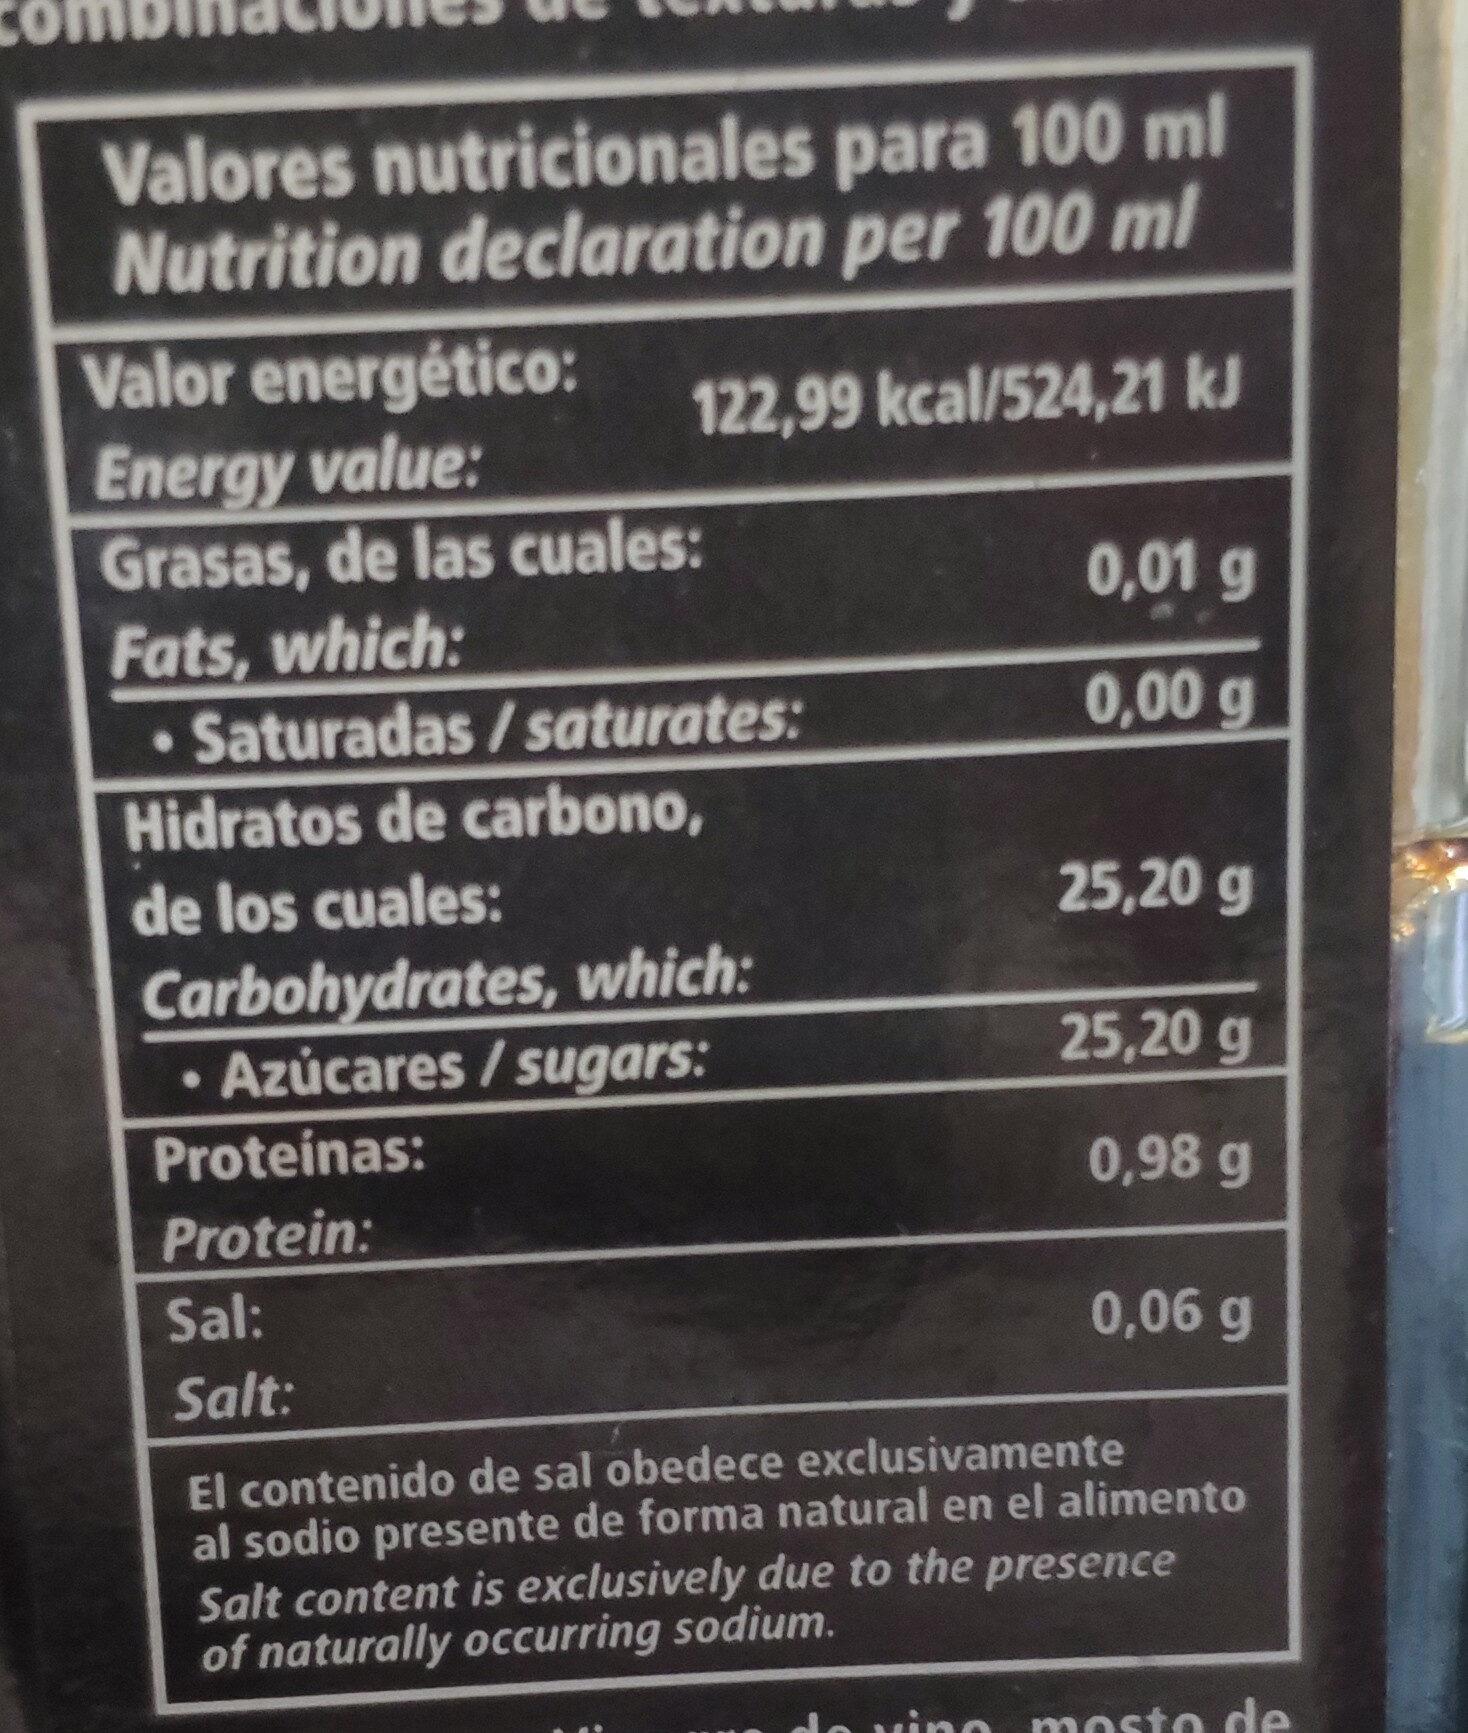 Vinagre balsámico de módena - Información nutricional - es